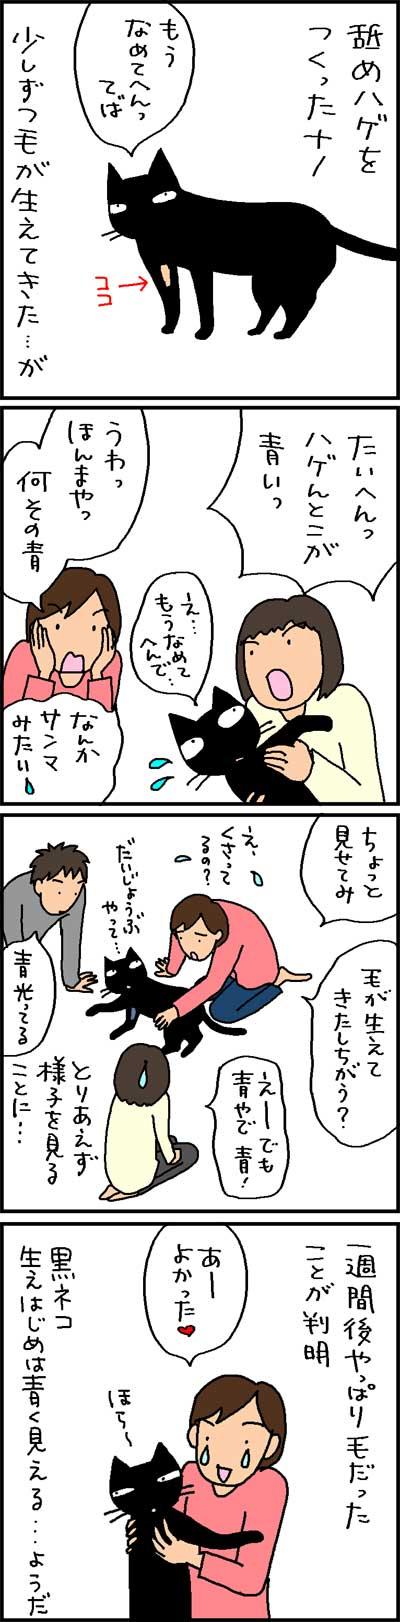 黒猫の毛の生えはじめの4コマネコ漫画